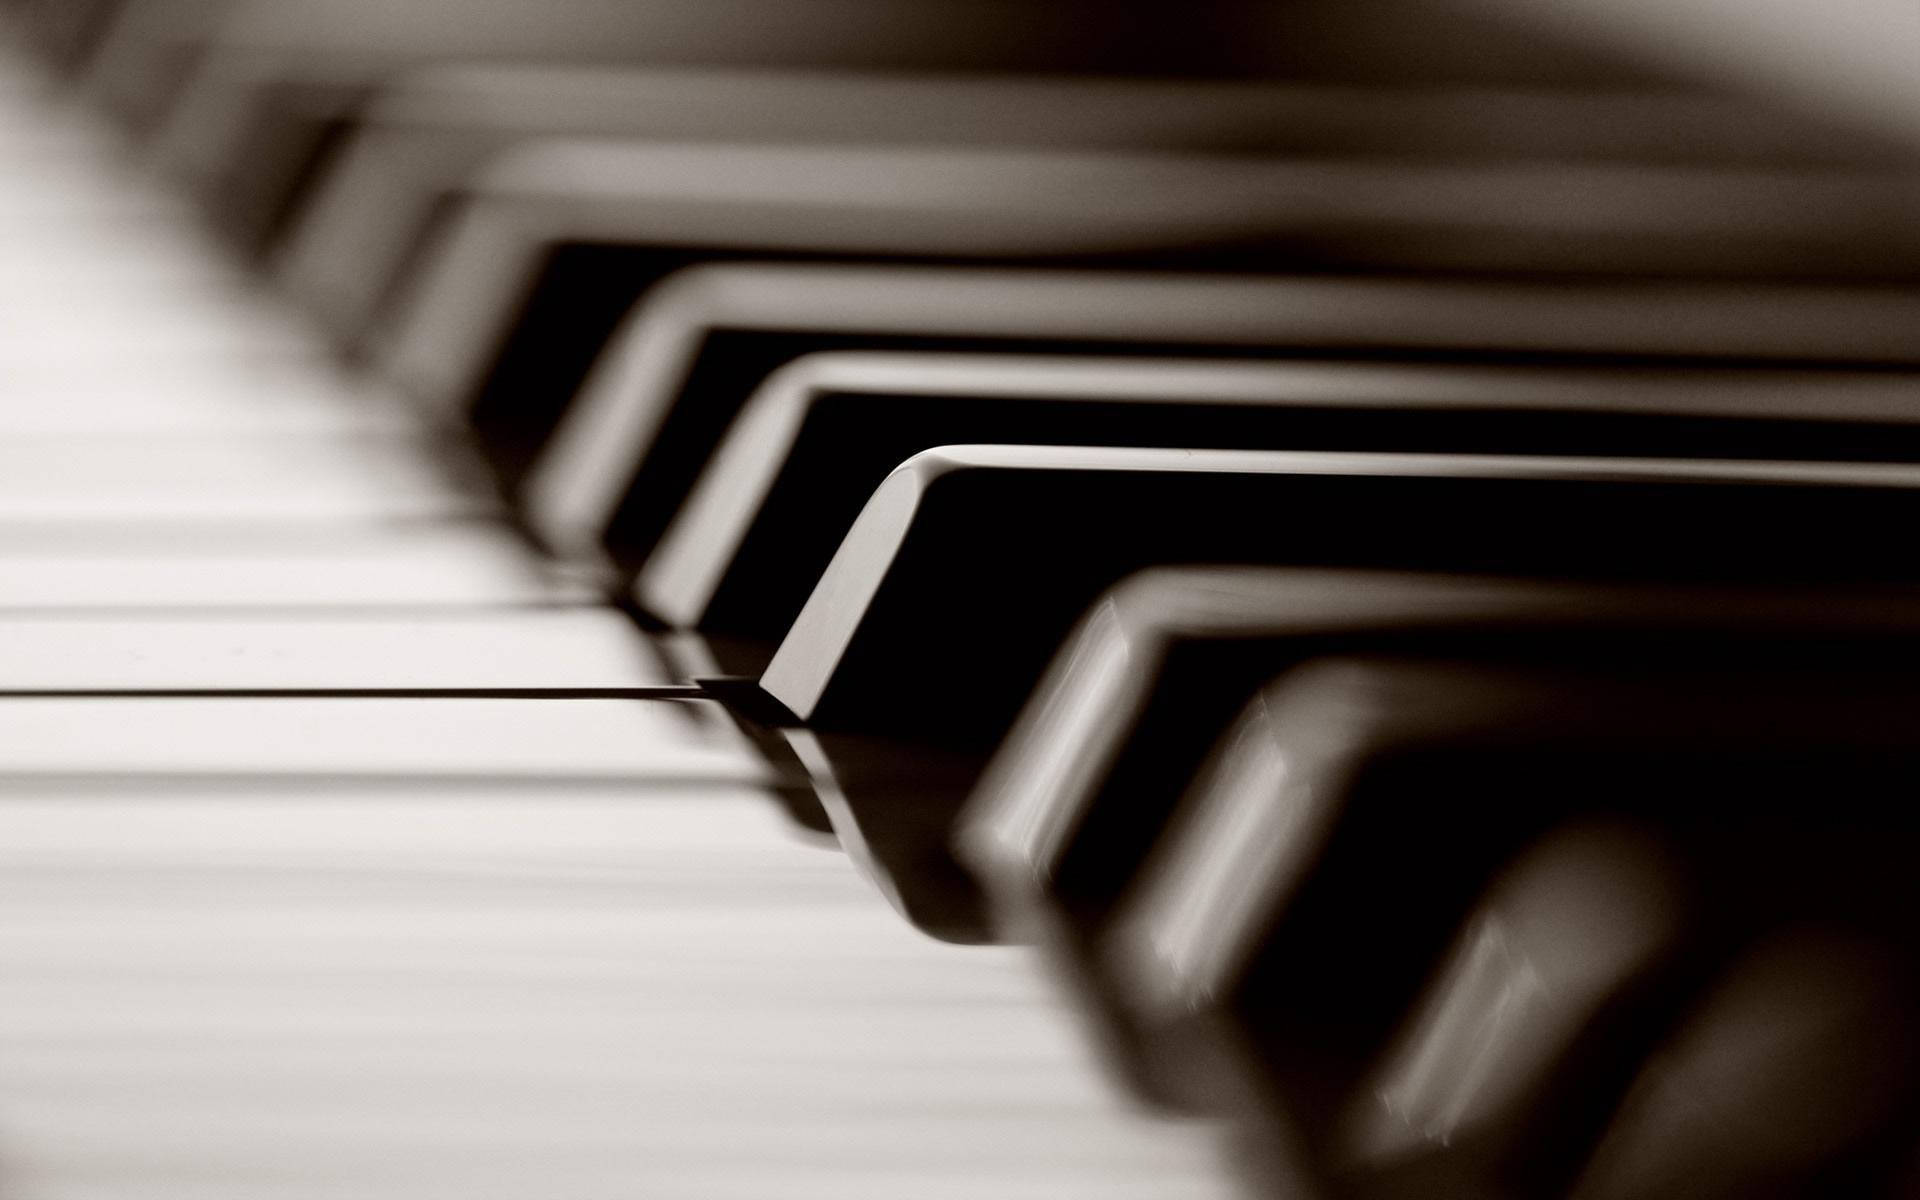 Wallpaper Teclas de un Piano